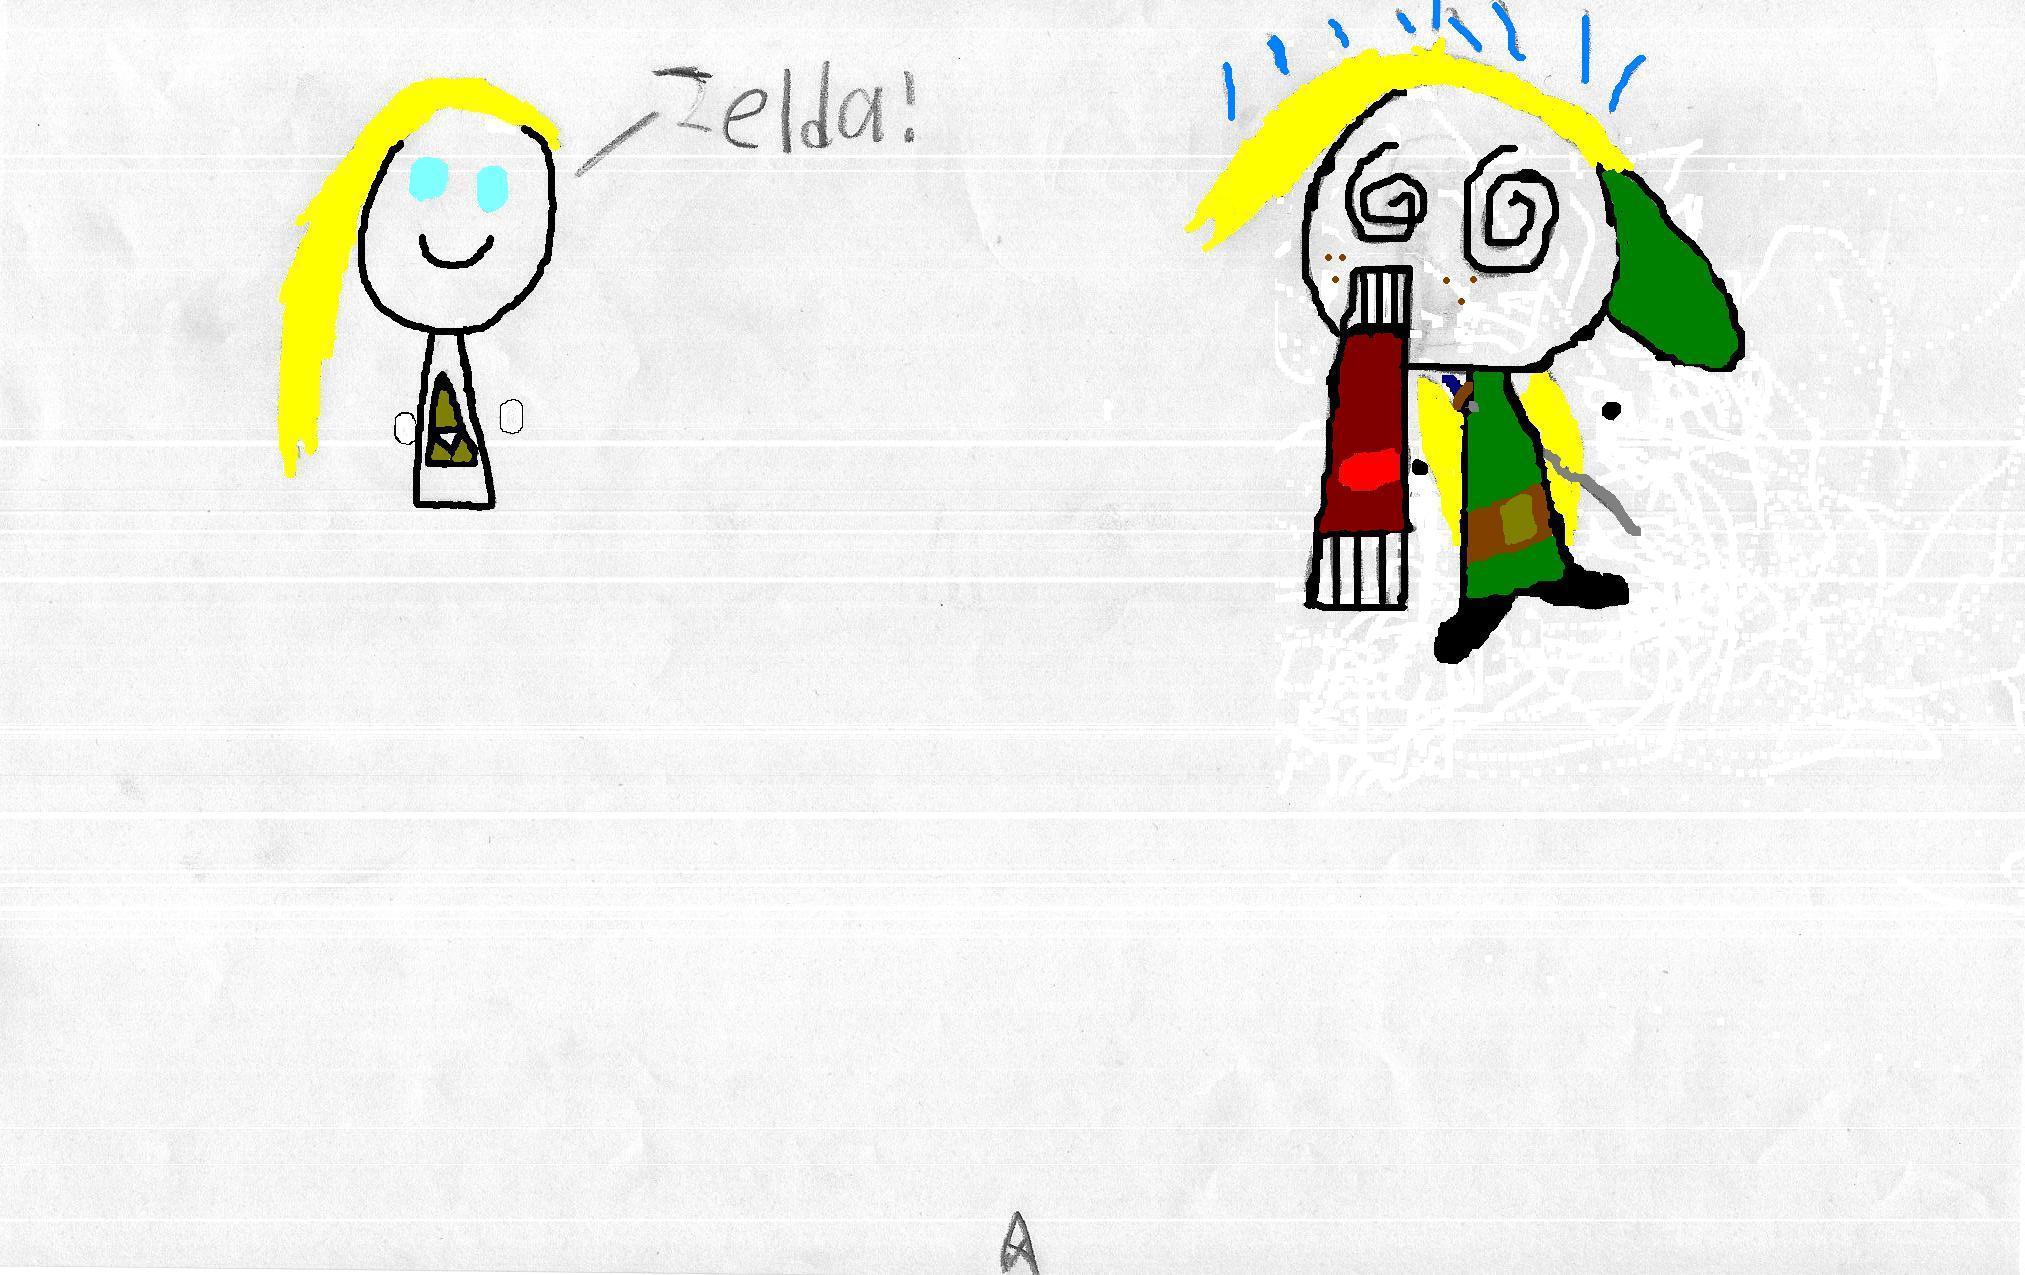 zelda's sheik!?!